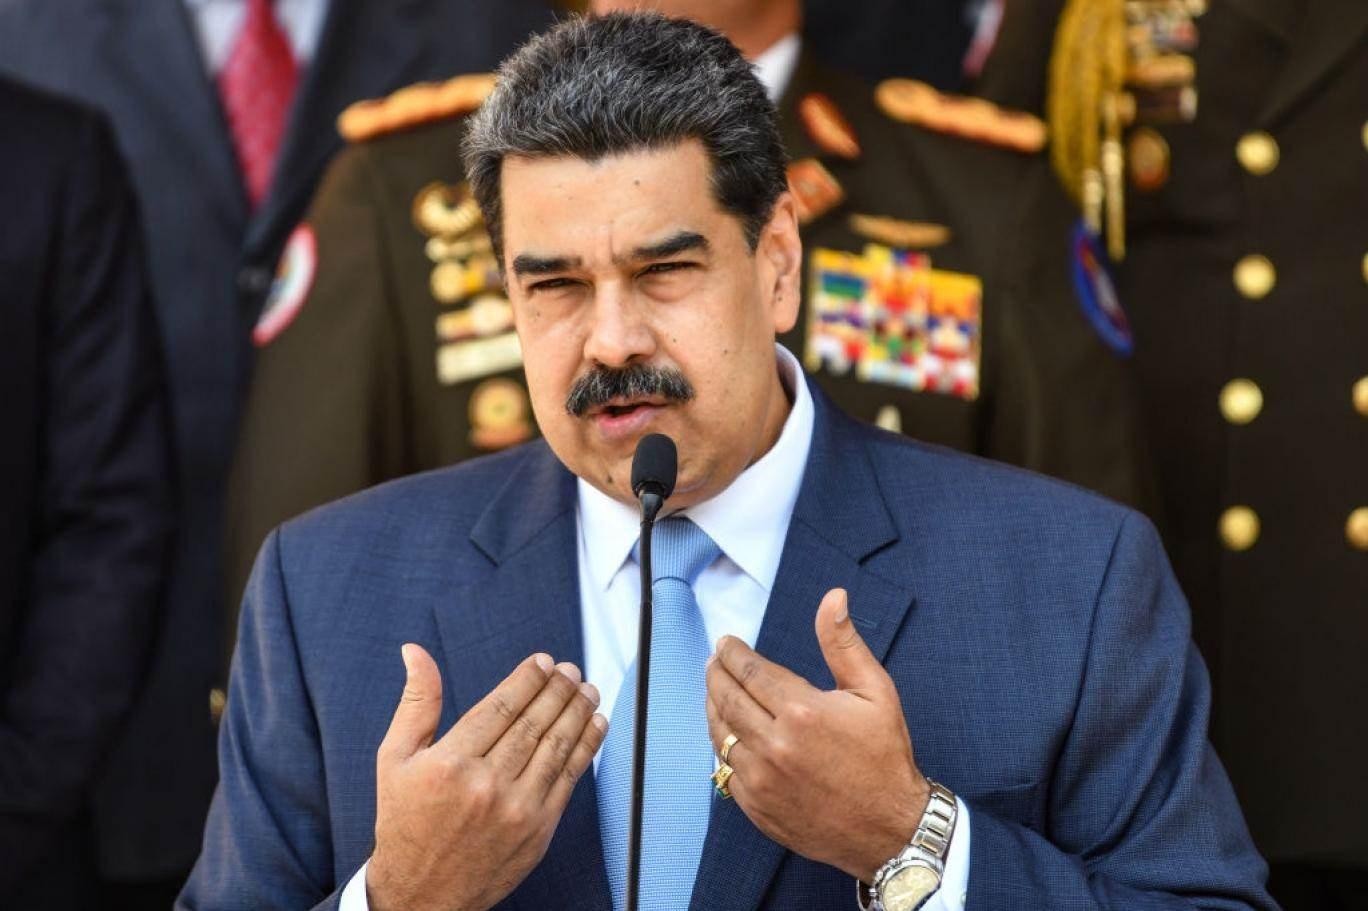 مادورو علق الحوار الفنزويلي الأميركي في أيار/مايو السابق على خلفية محاولة الهجوم البحري على بلاده